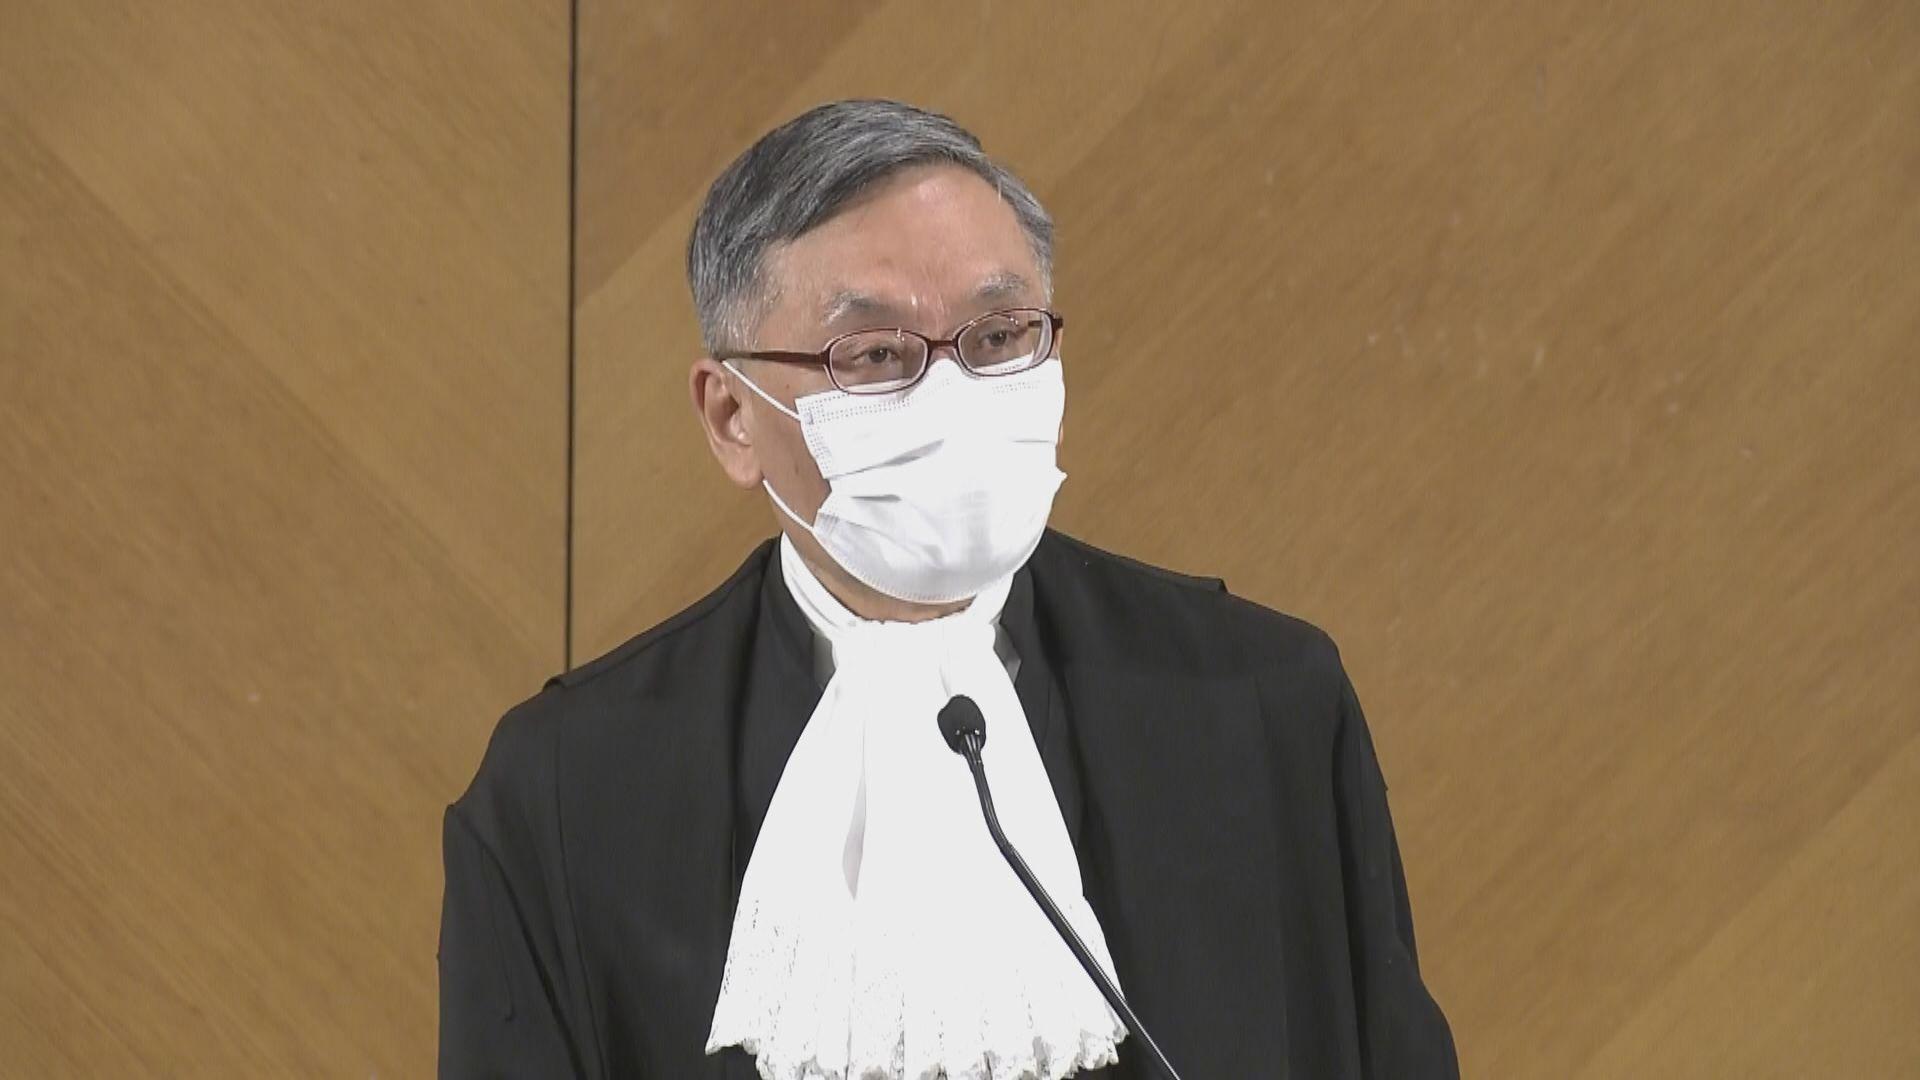 張舉能:量刑由上訴庭處理上訴或覆核更有效